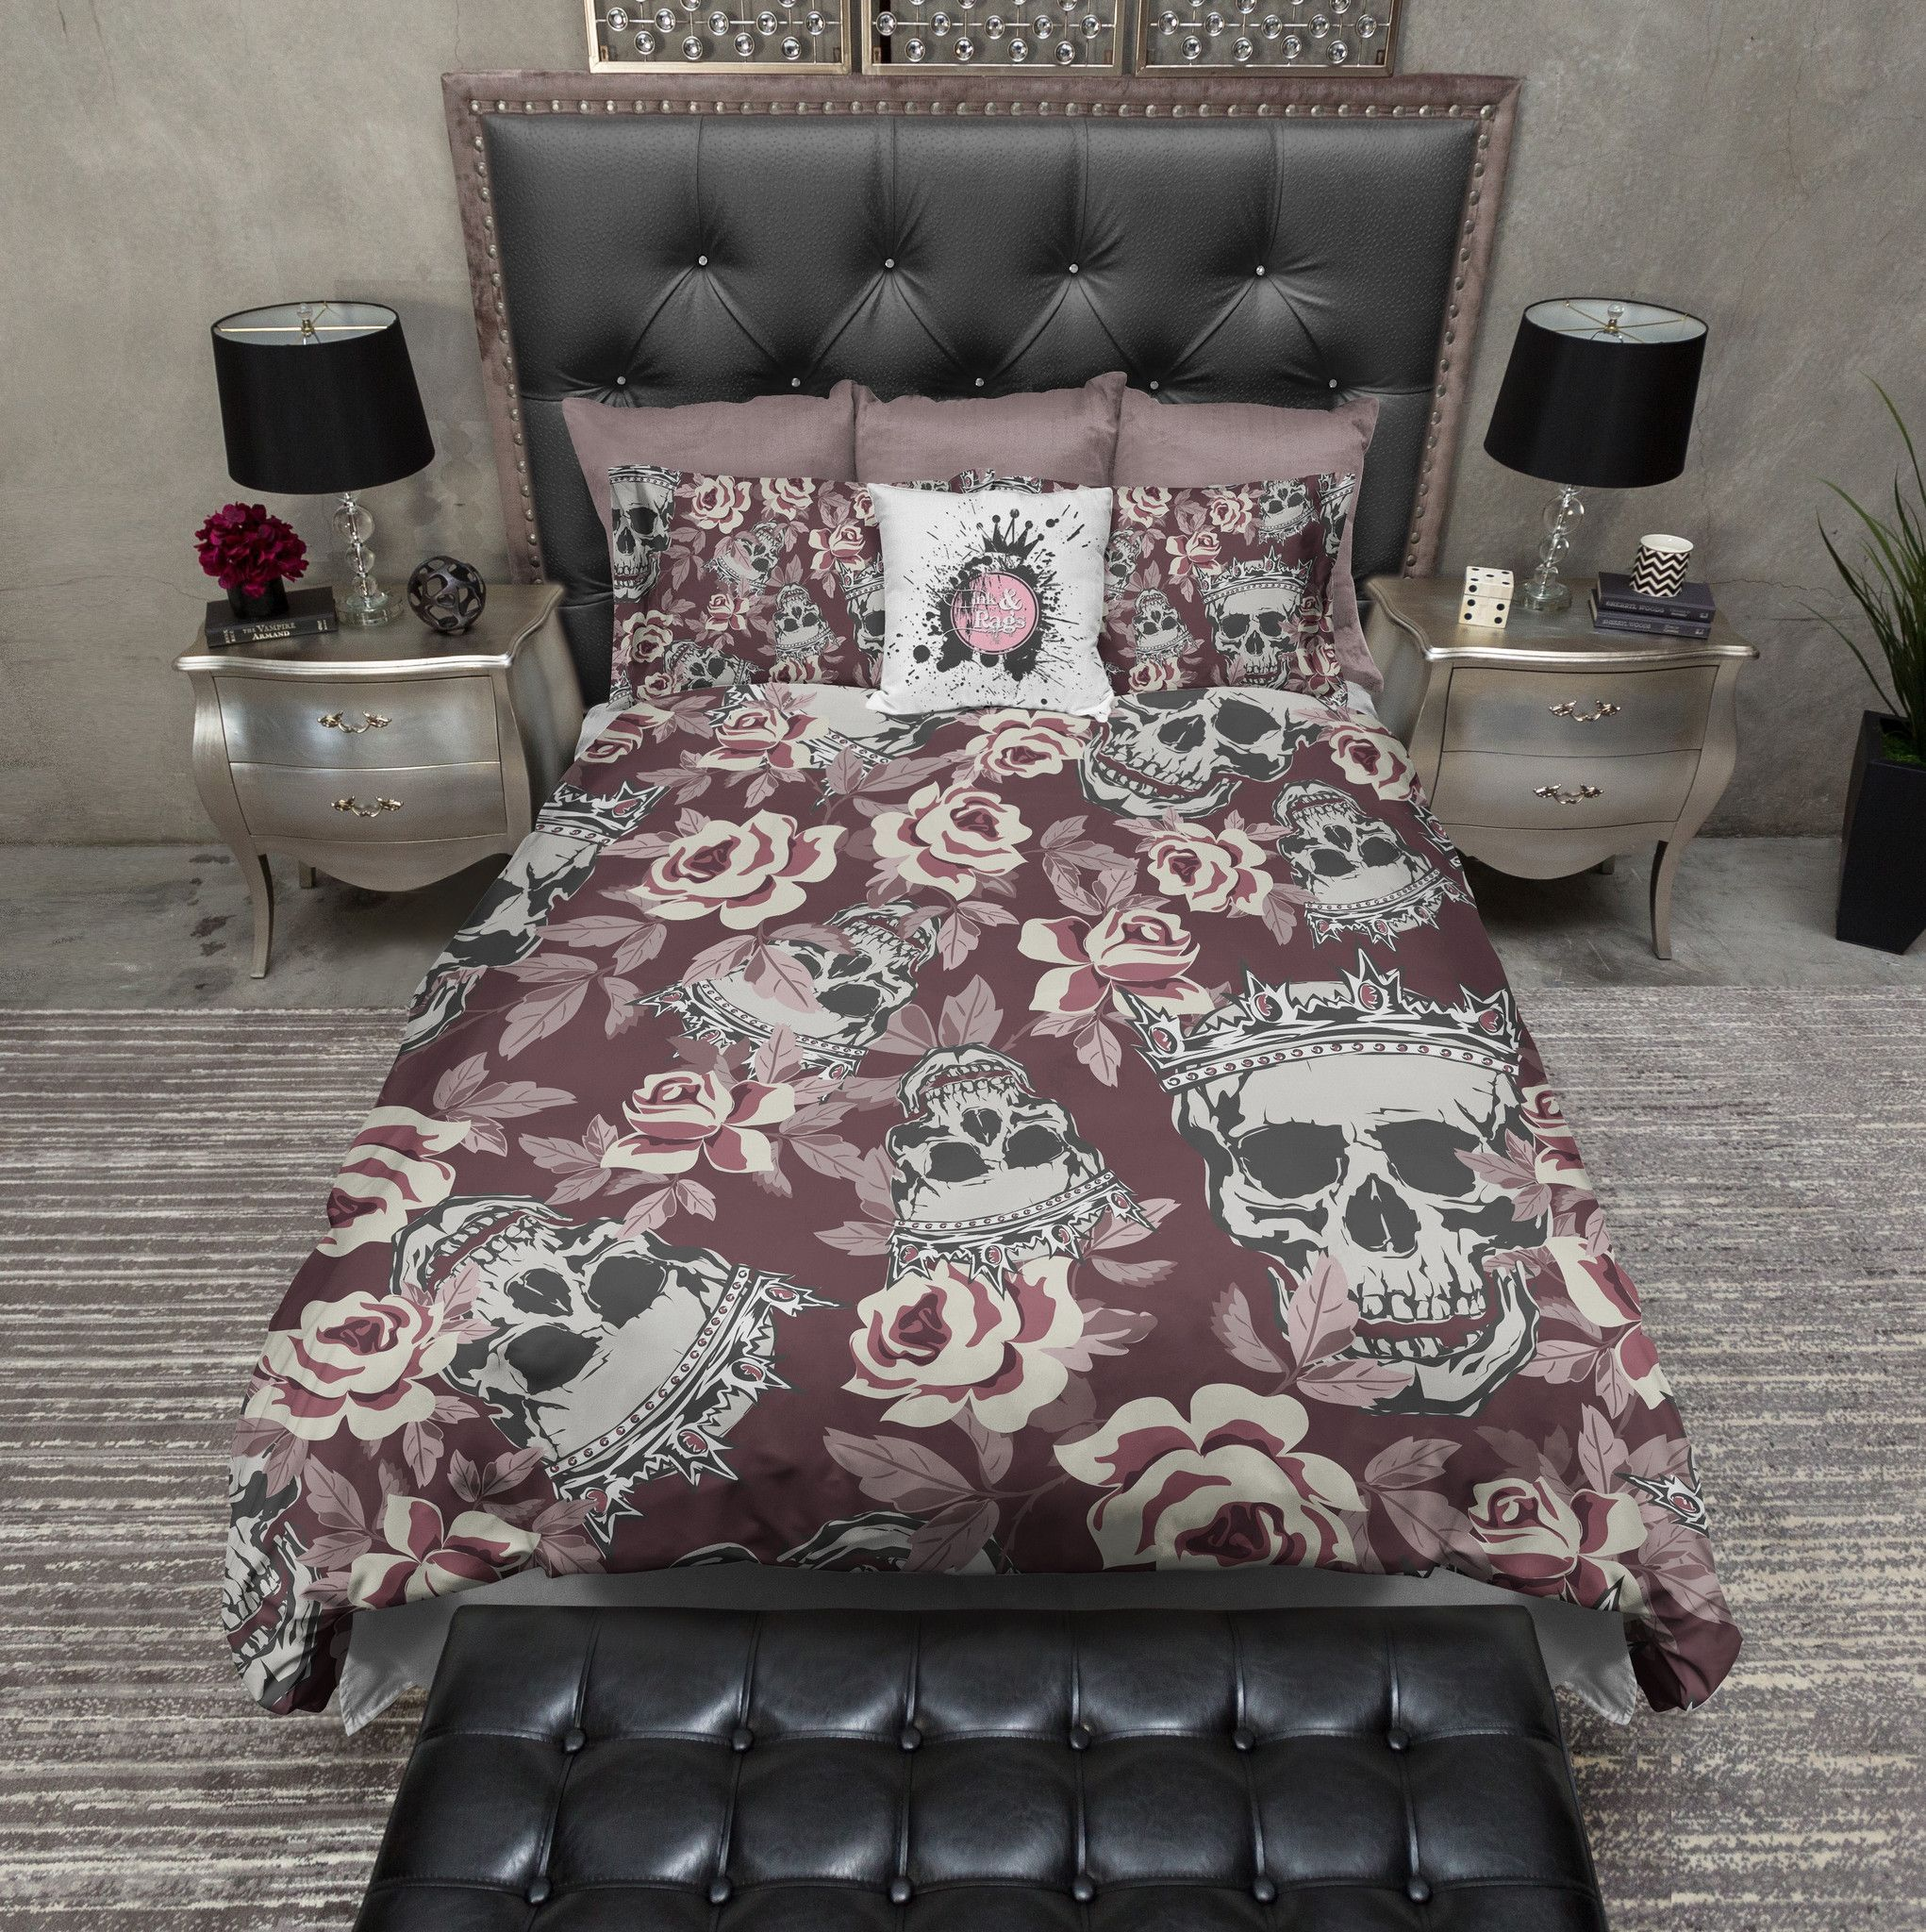 Fit For A King And Queen Rose Skull Duvet Bedding Sets Beddesign With Images Skull Bedding Black Bedding Duvet Bedding